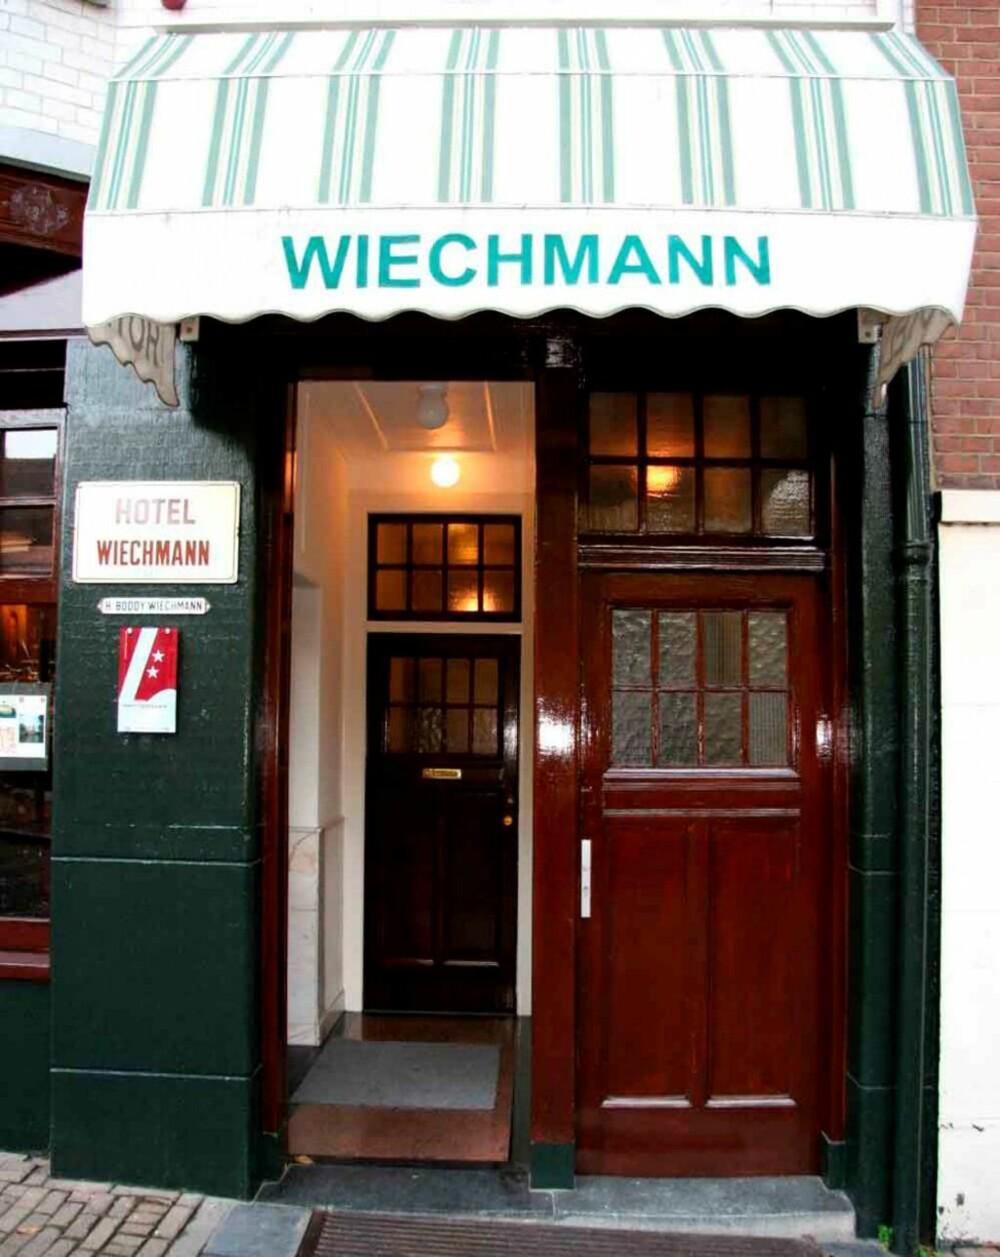 RUSTNING: I resepsjonen på Hotel Wiechmann finner du en rustning.